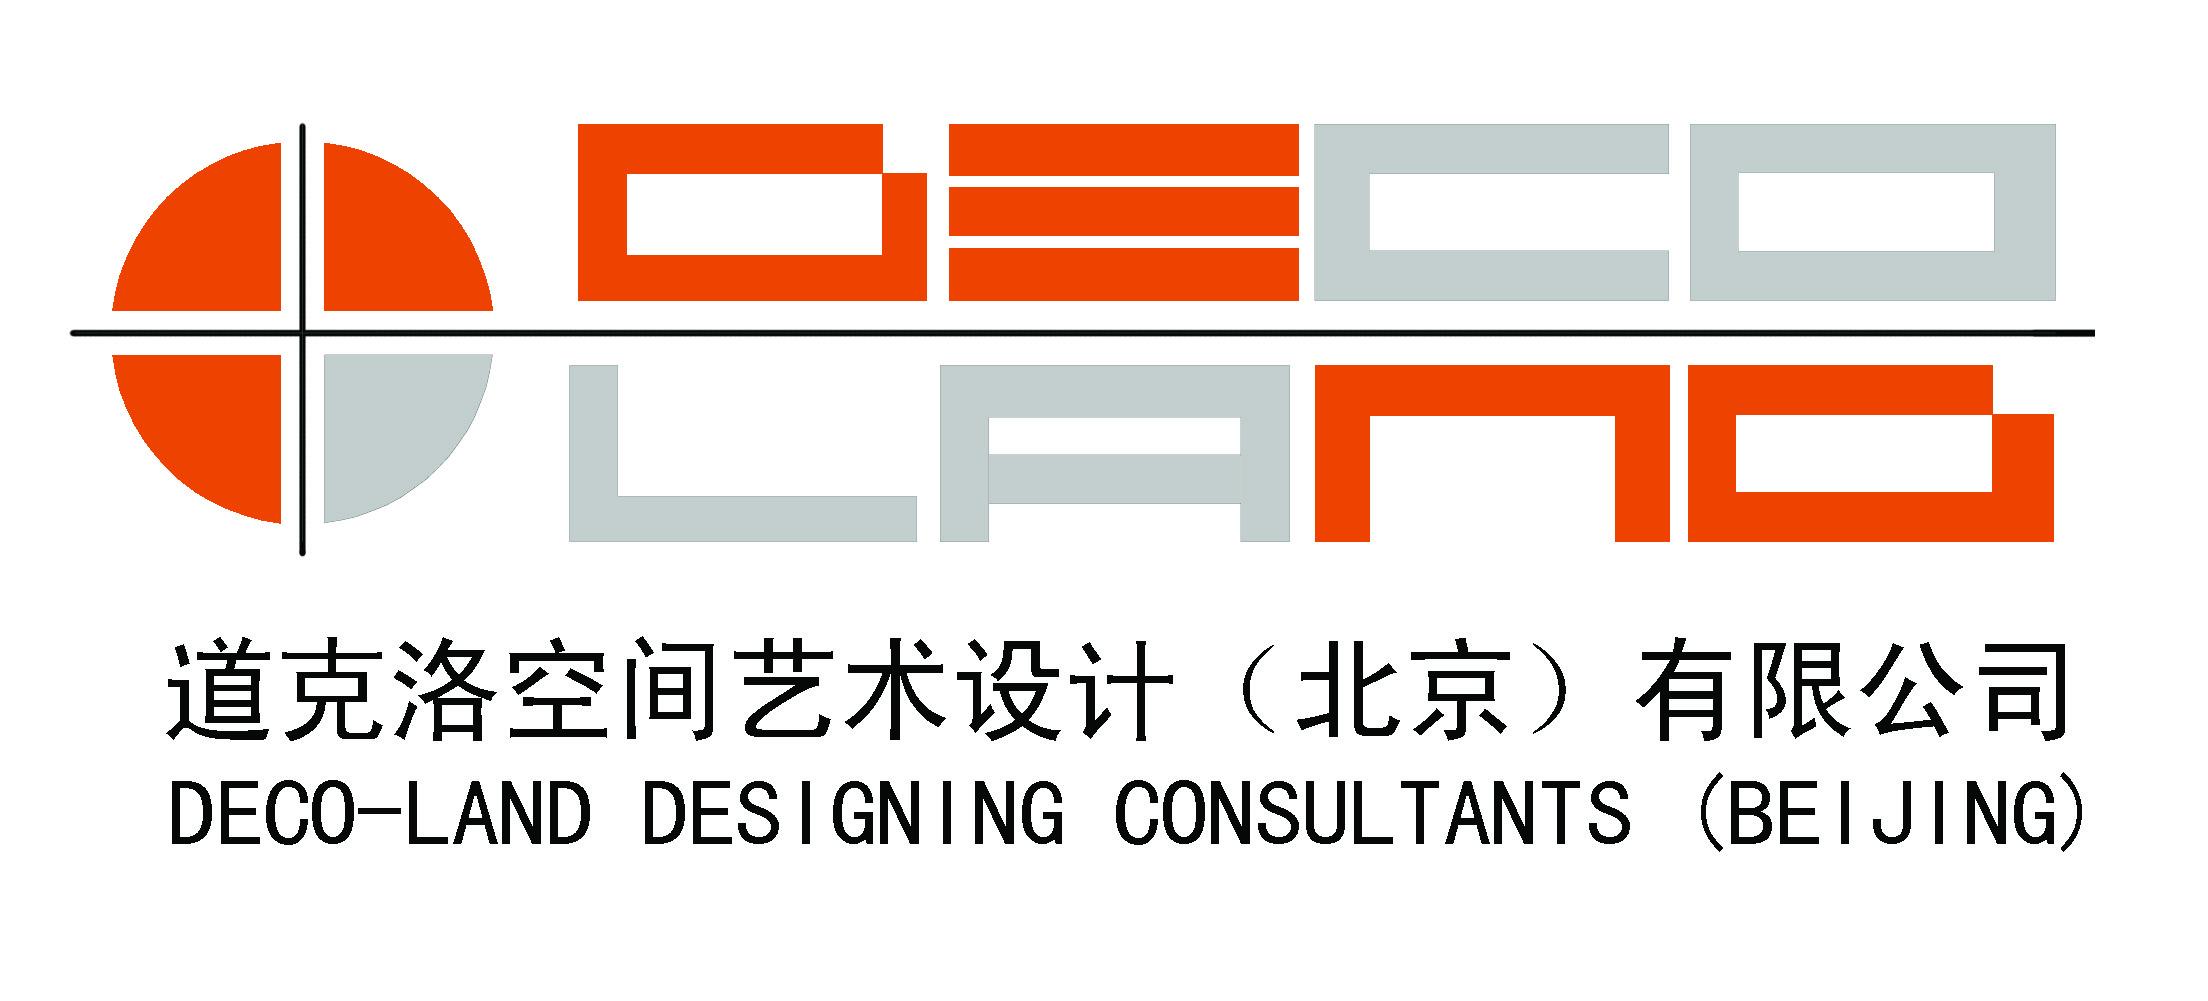 道克洛空间艺术设计(北京)有限公司